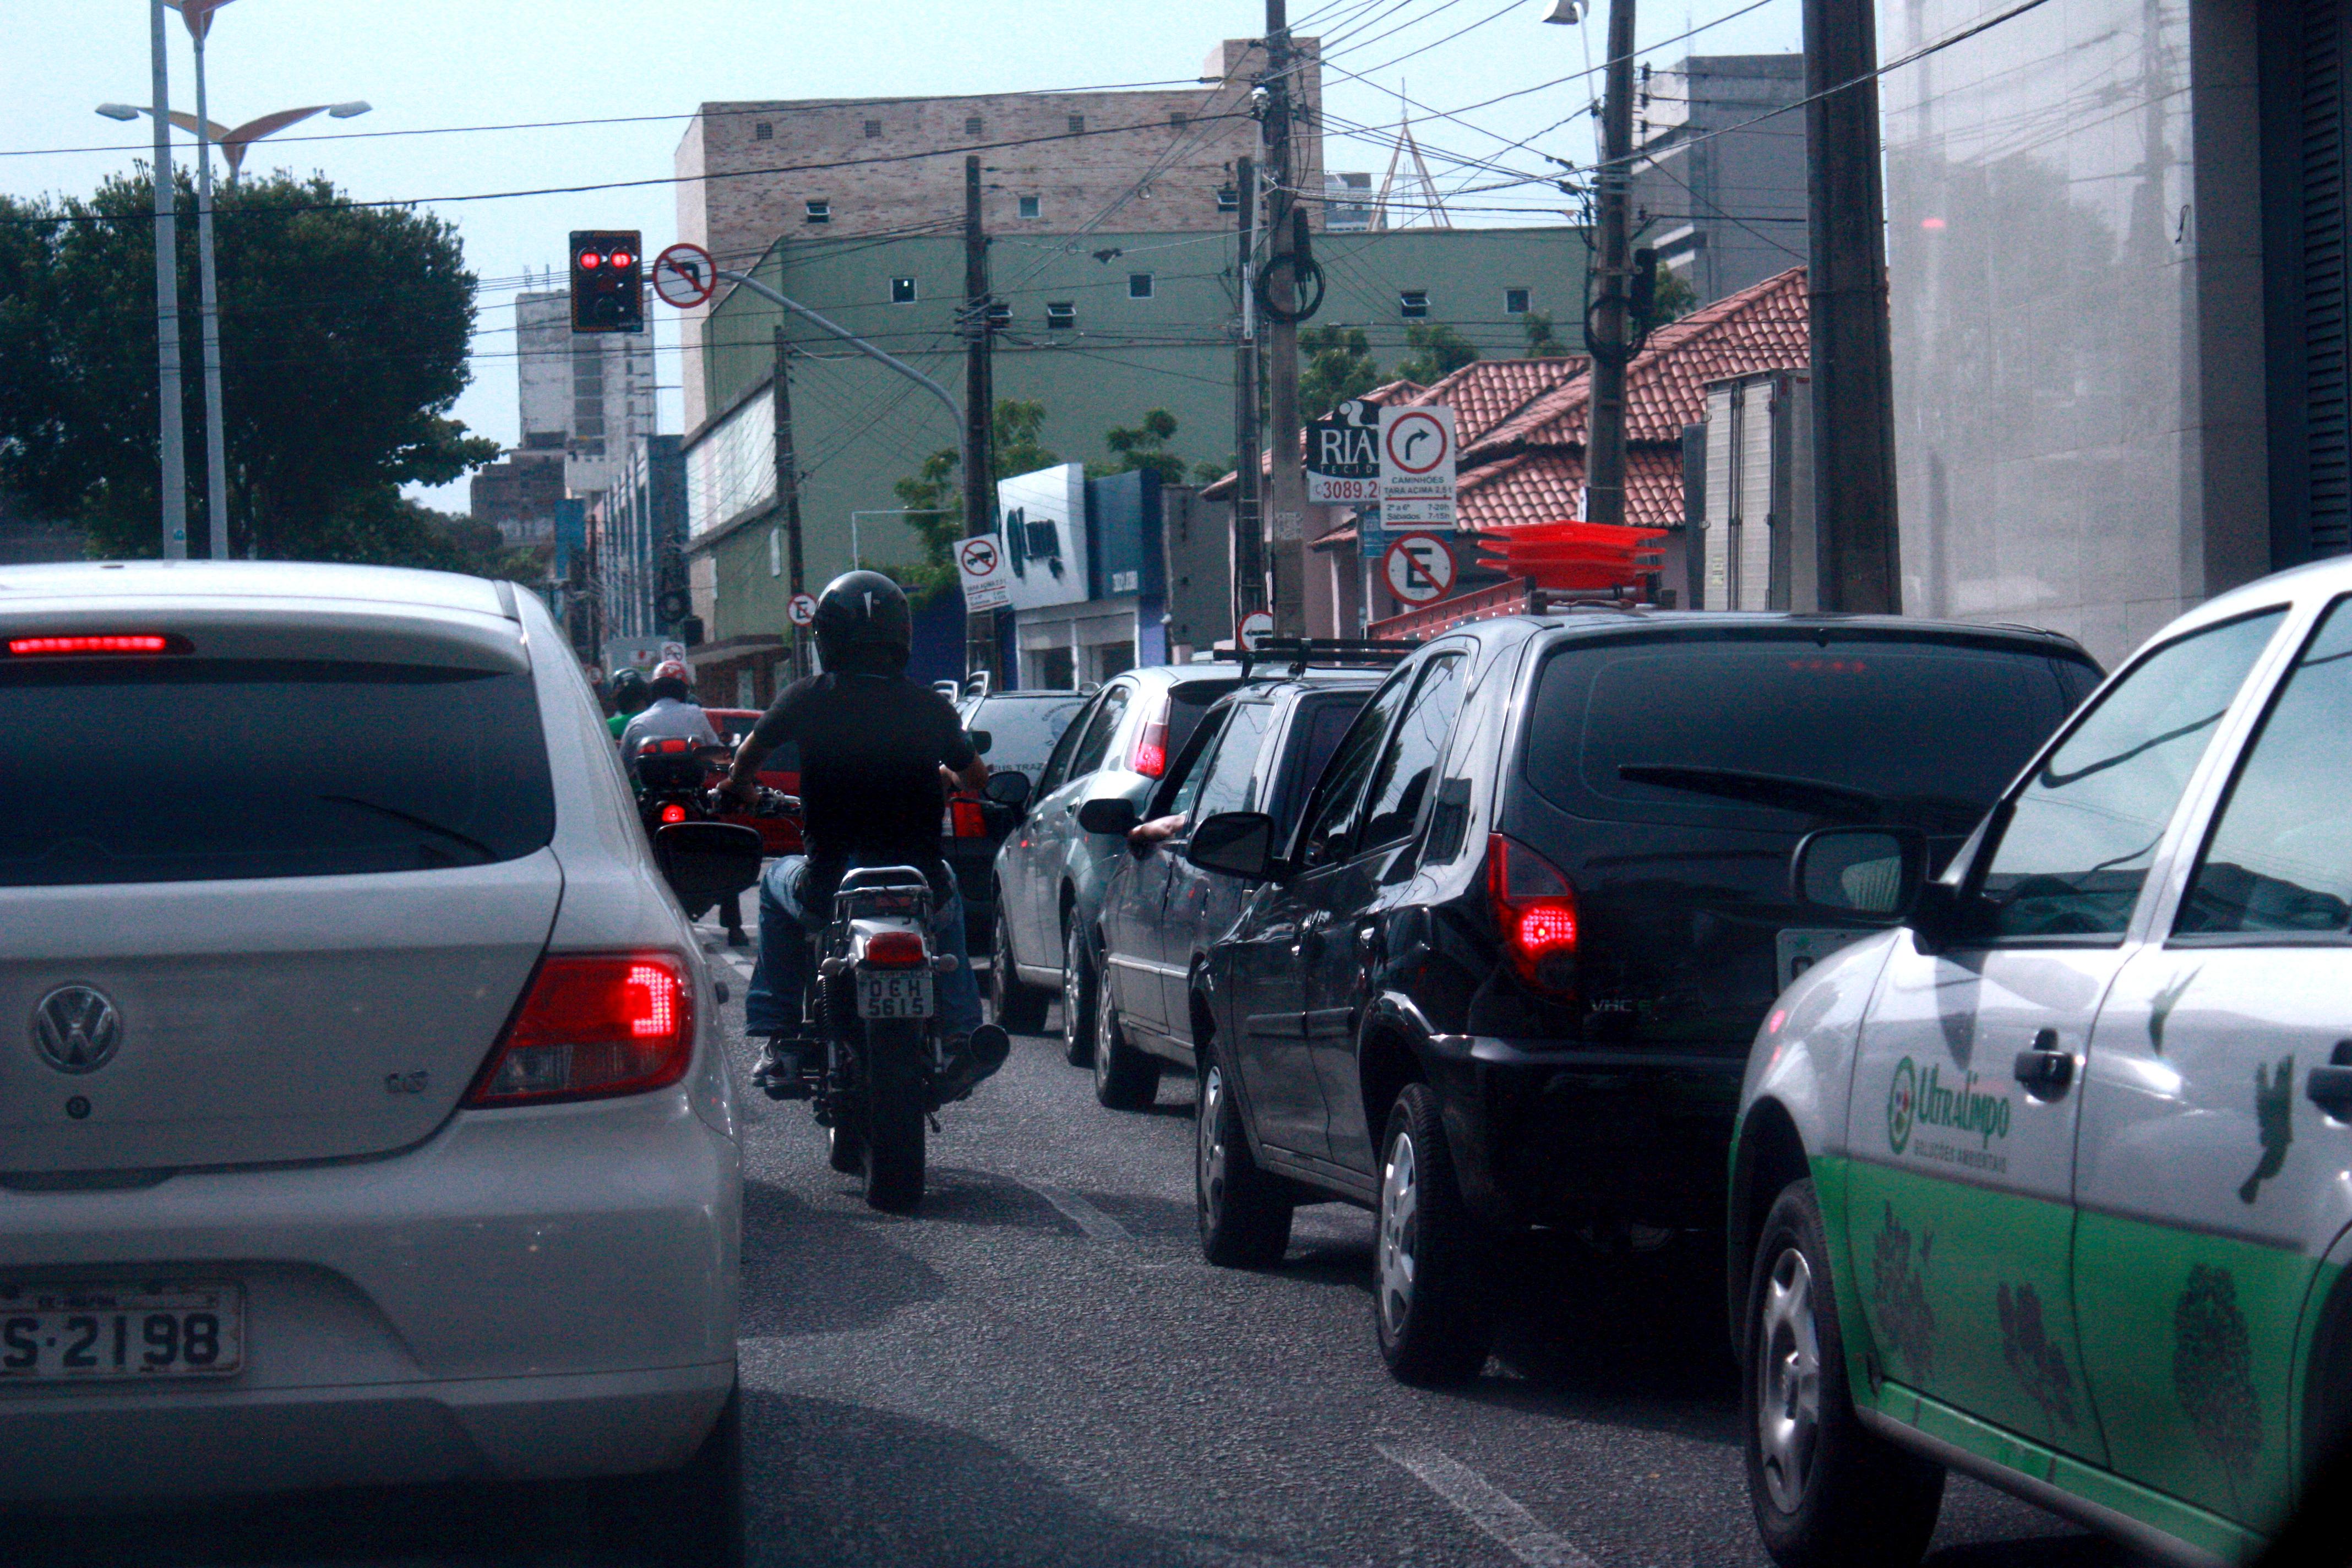 Maior IPVA a ser pago no Ceará será R$ 23.080,63, de uma Ferrari 2010 (FOTO: Camila Cabral)